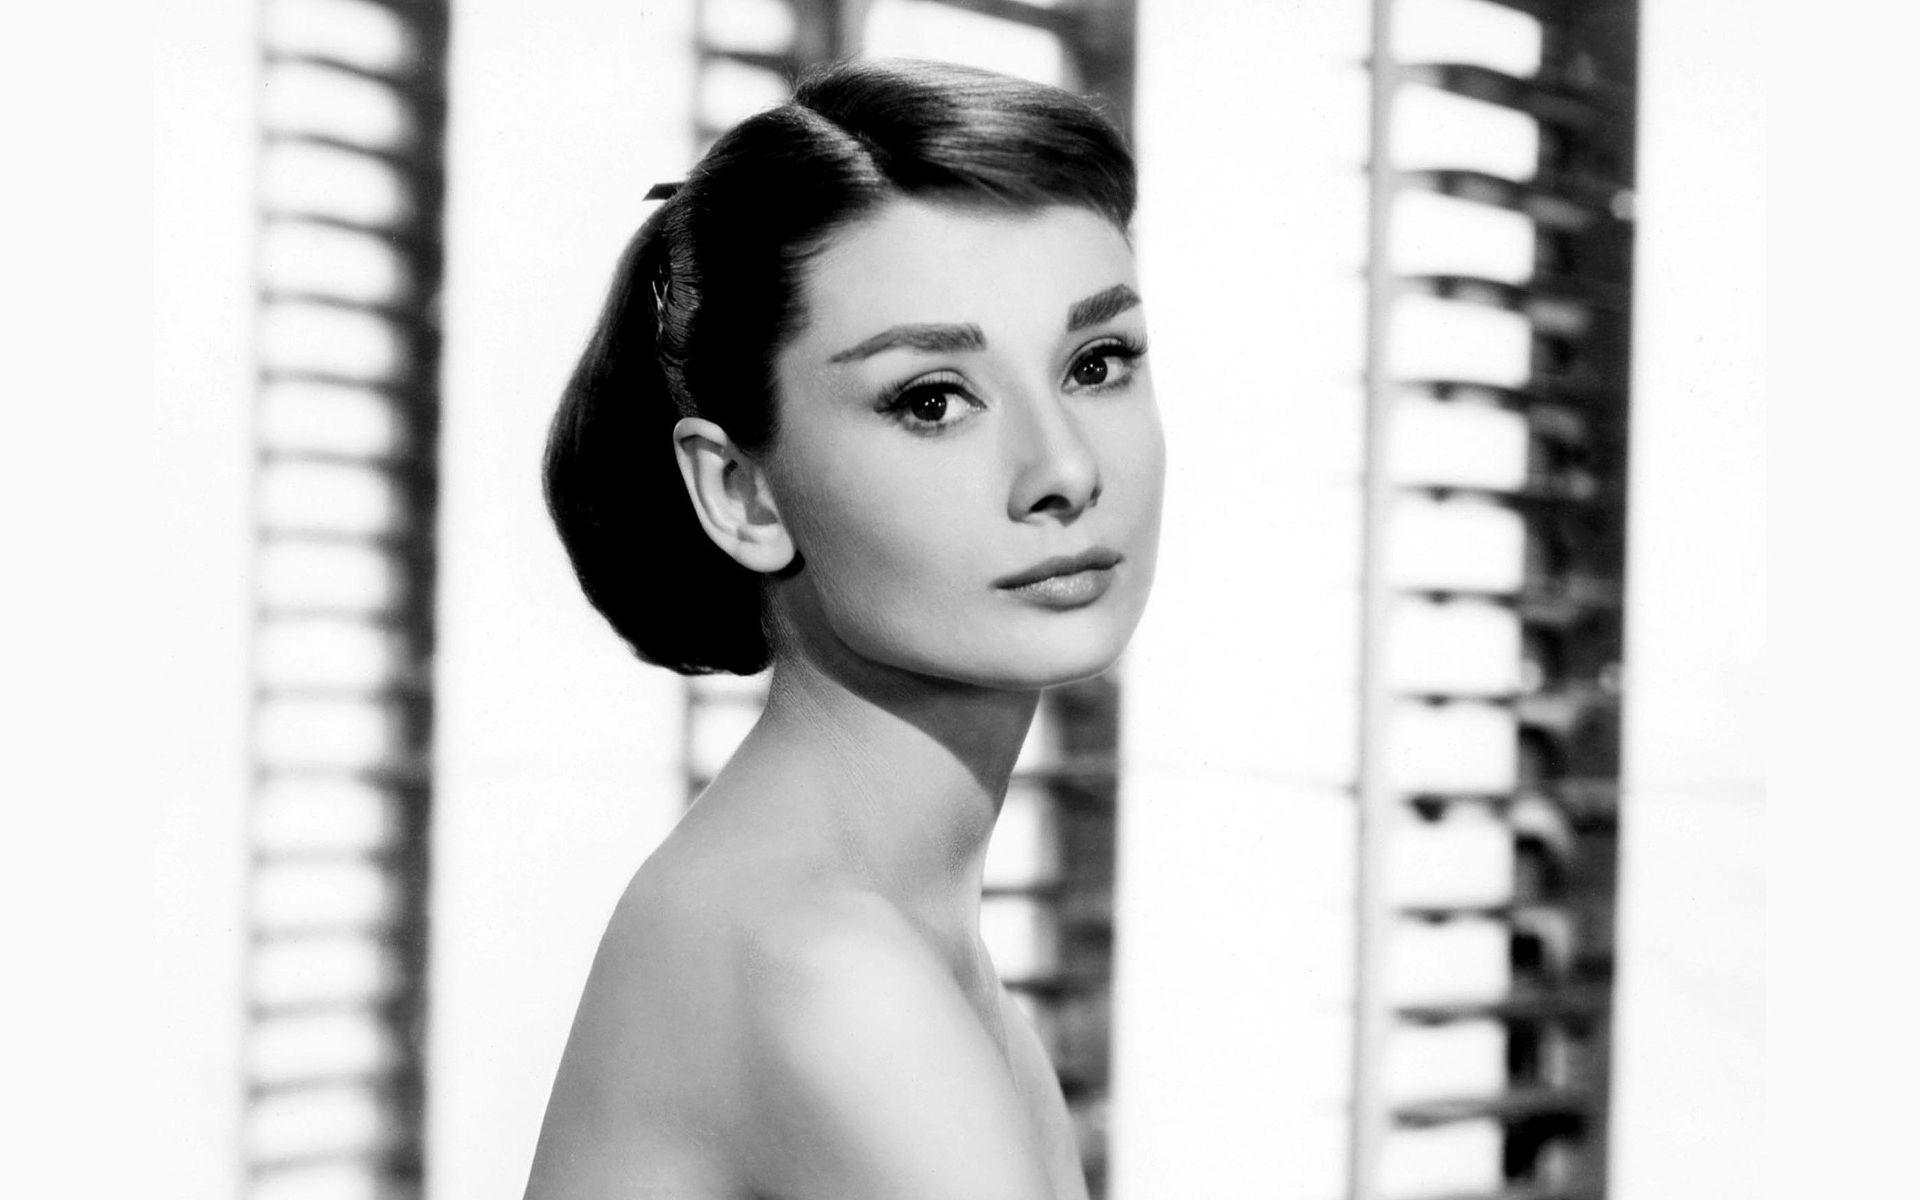 Audrey Hepburn Wallpaper 8419 1920x1200